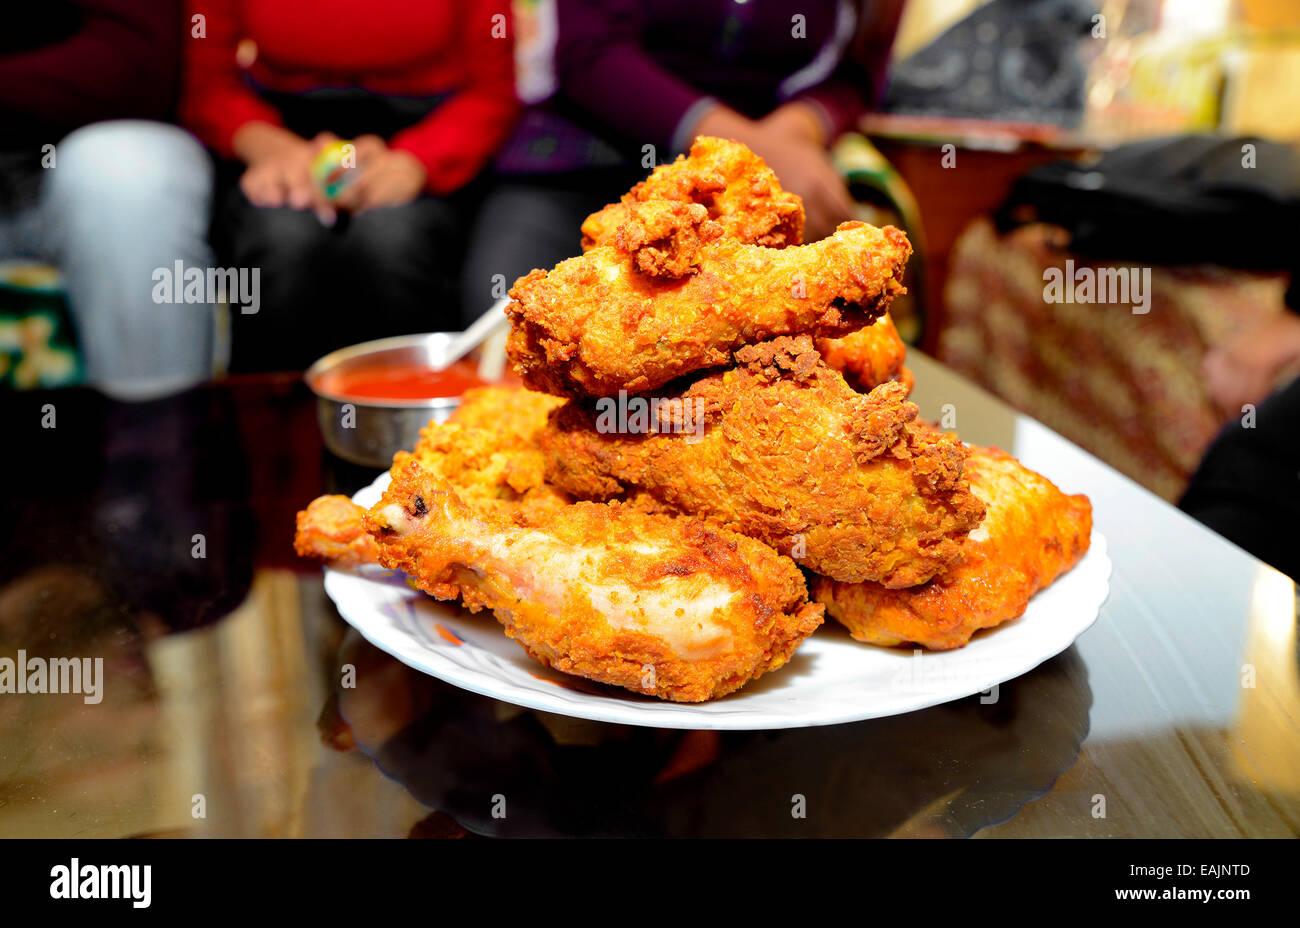 Poêlée de poulet croustillant,,,Gourmet,Viande,fast-food,Snack,Non,junk-food-végétarien,alimentation,isolé,nutritifs Photo Stock